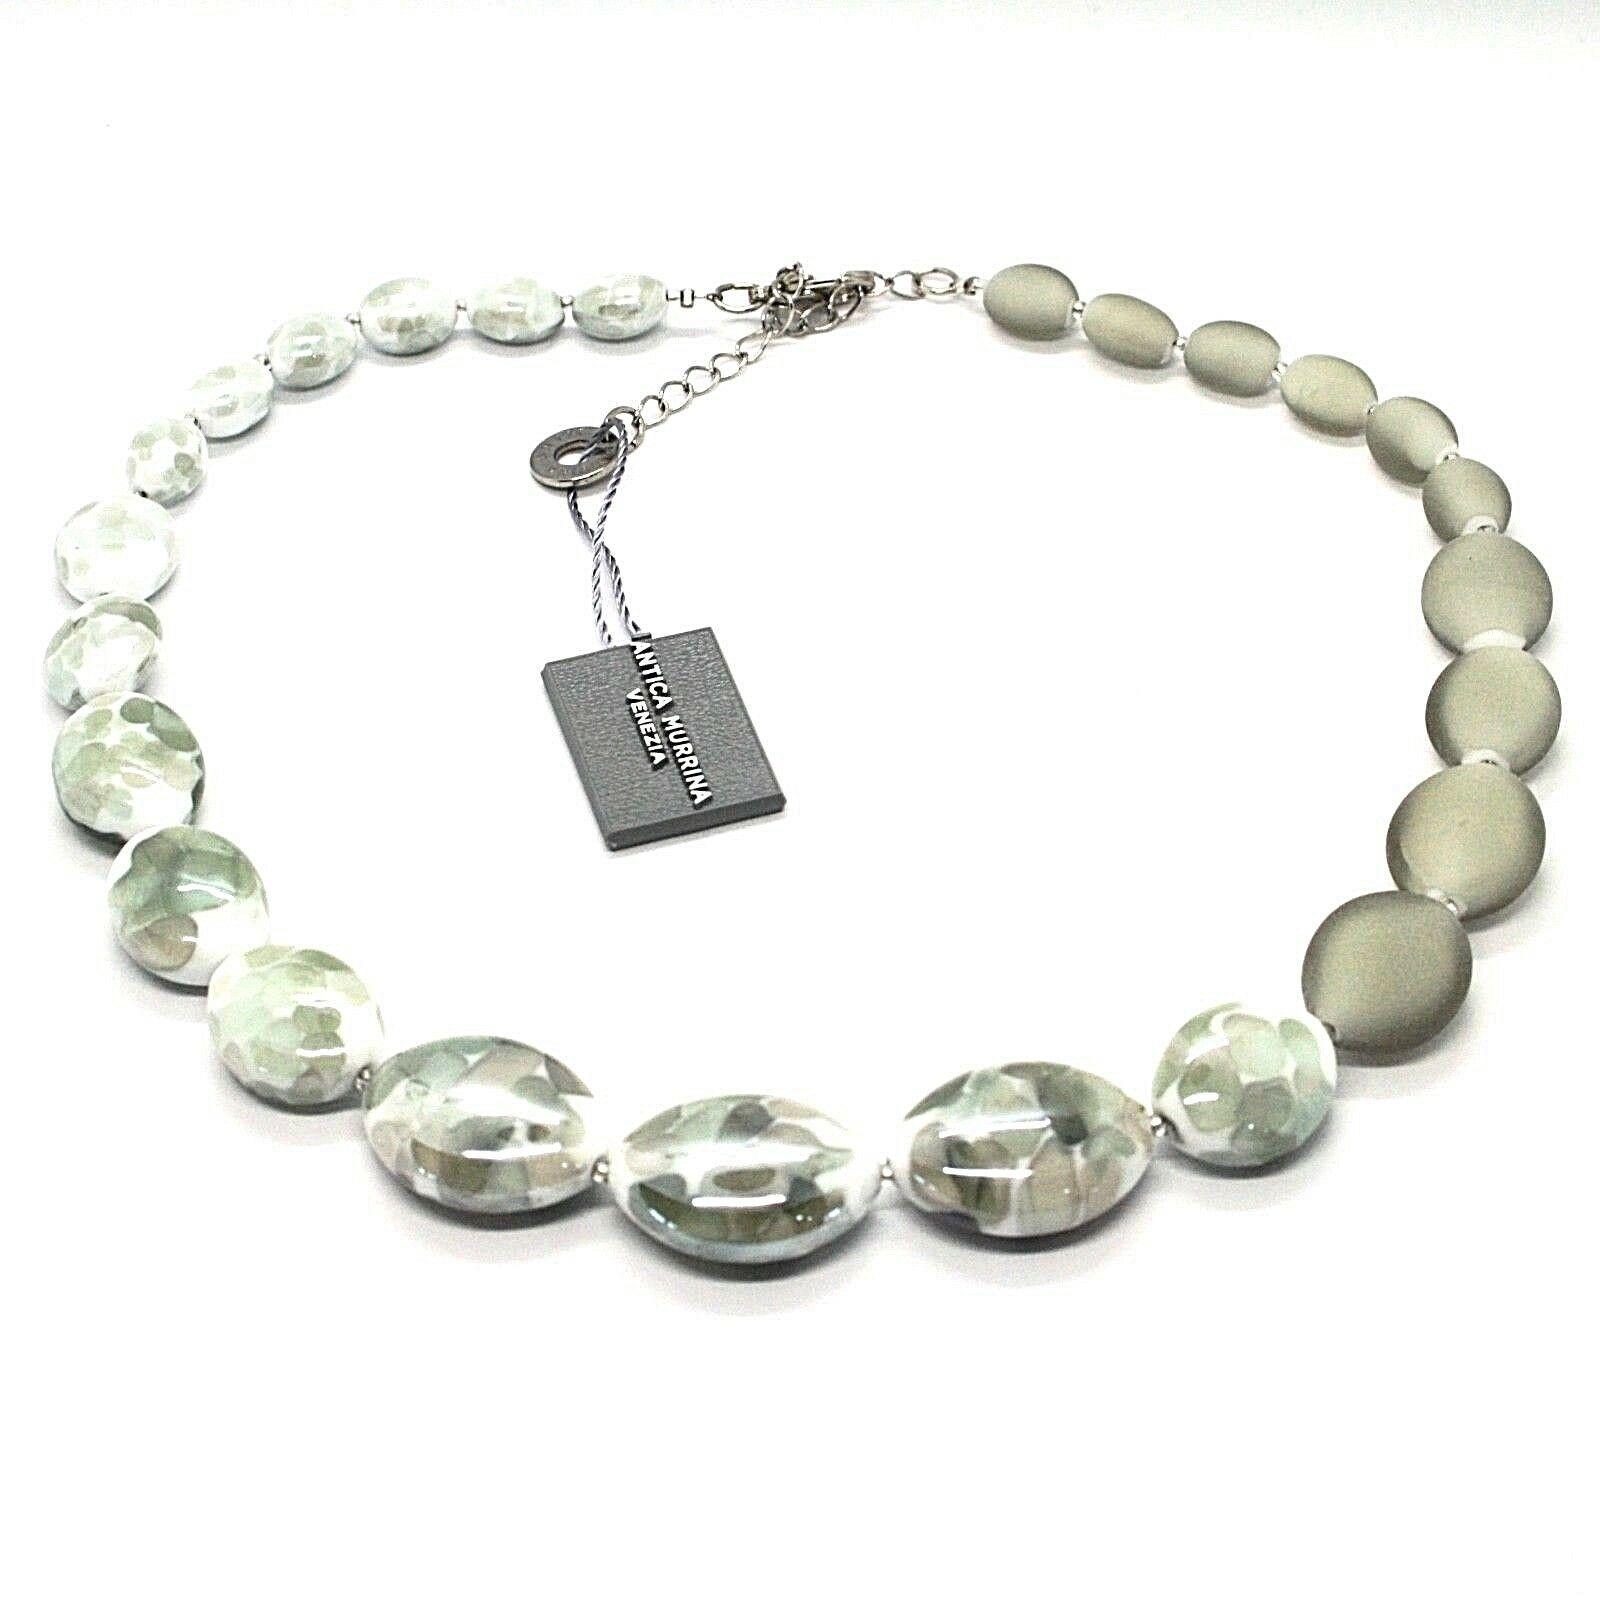 Necklace Antica Murrina Venezia Lampwork Murano Glass Charm Bead Grey White